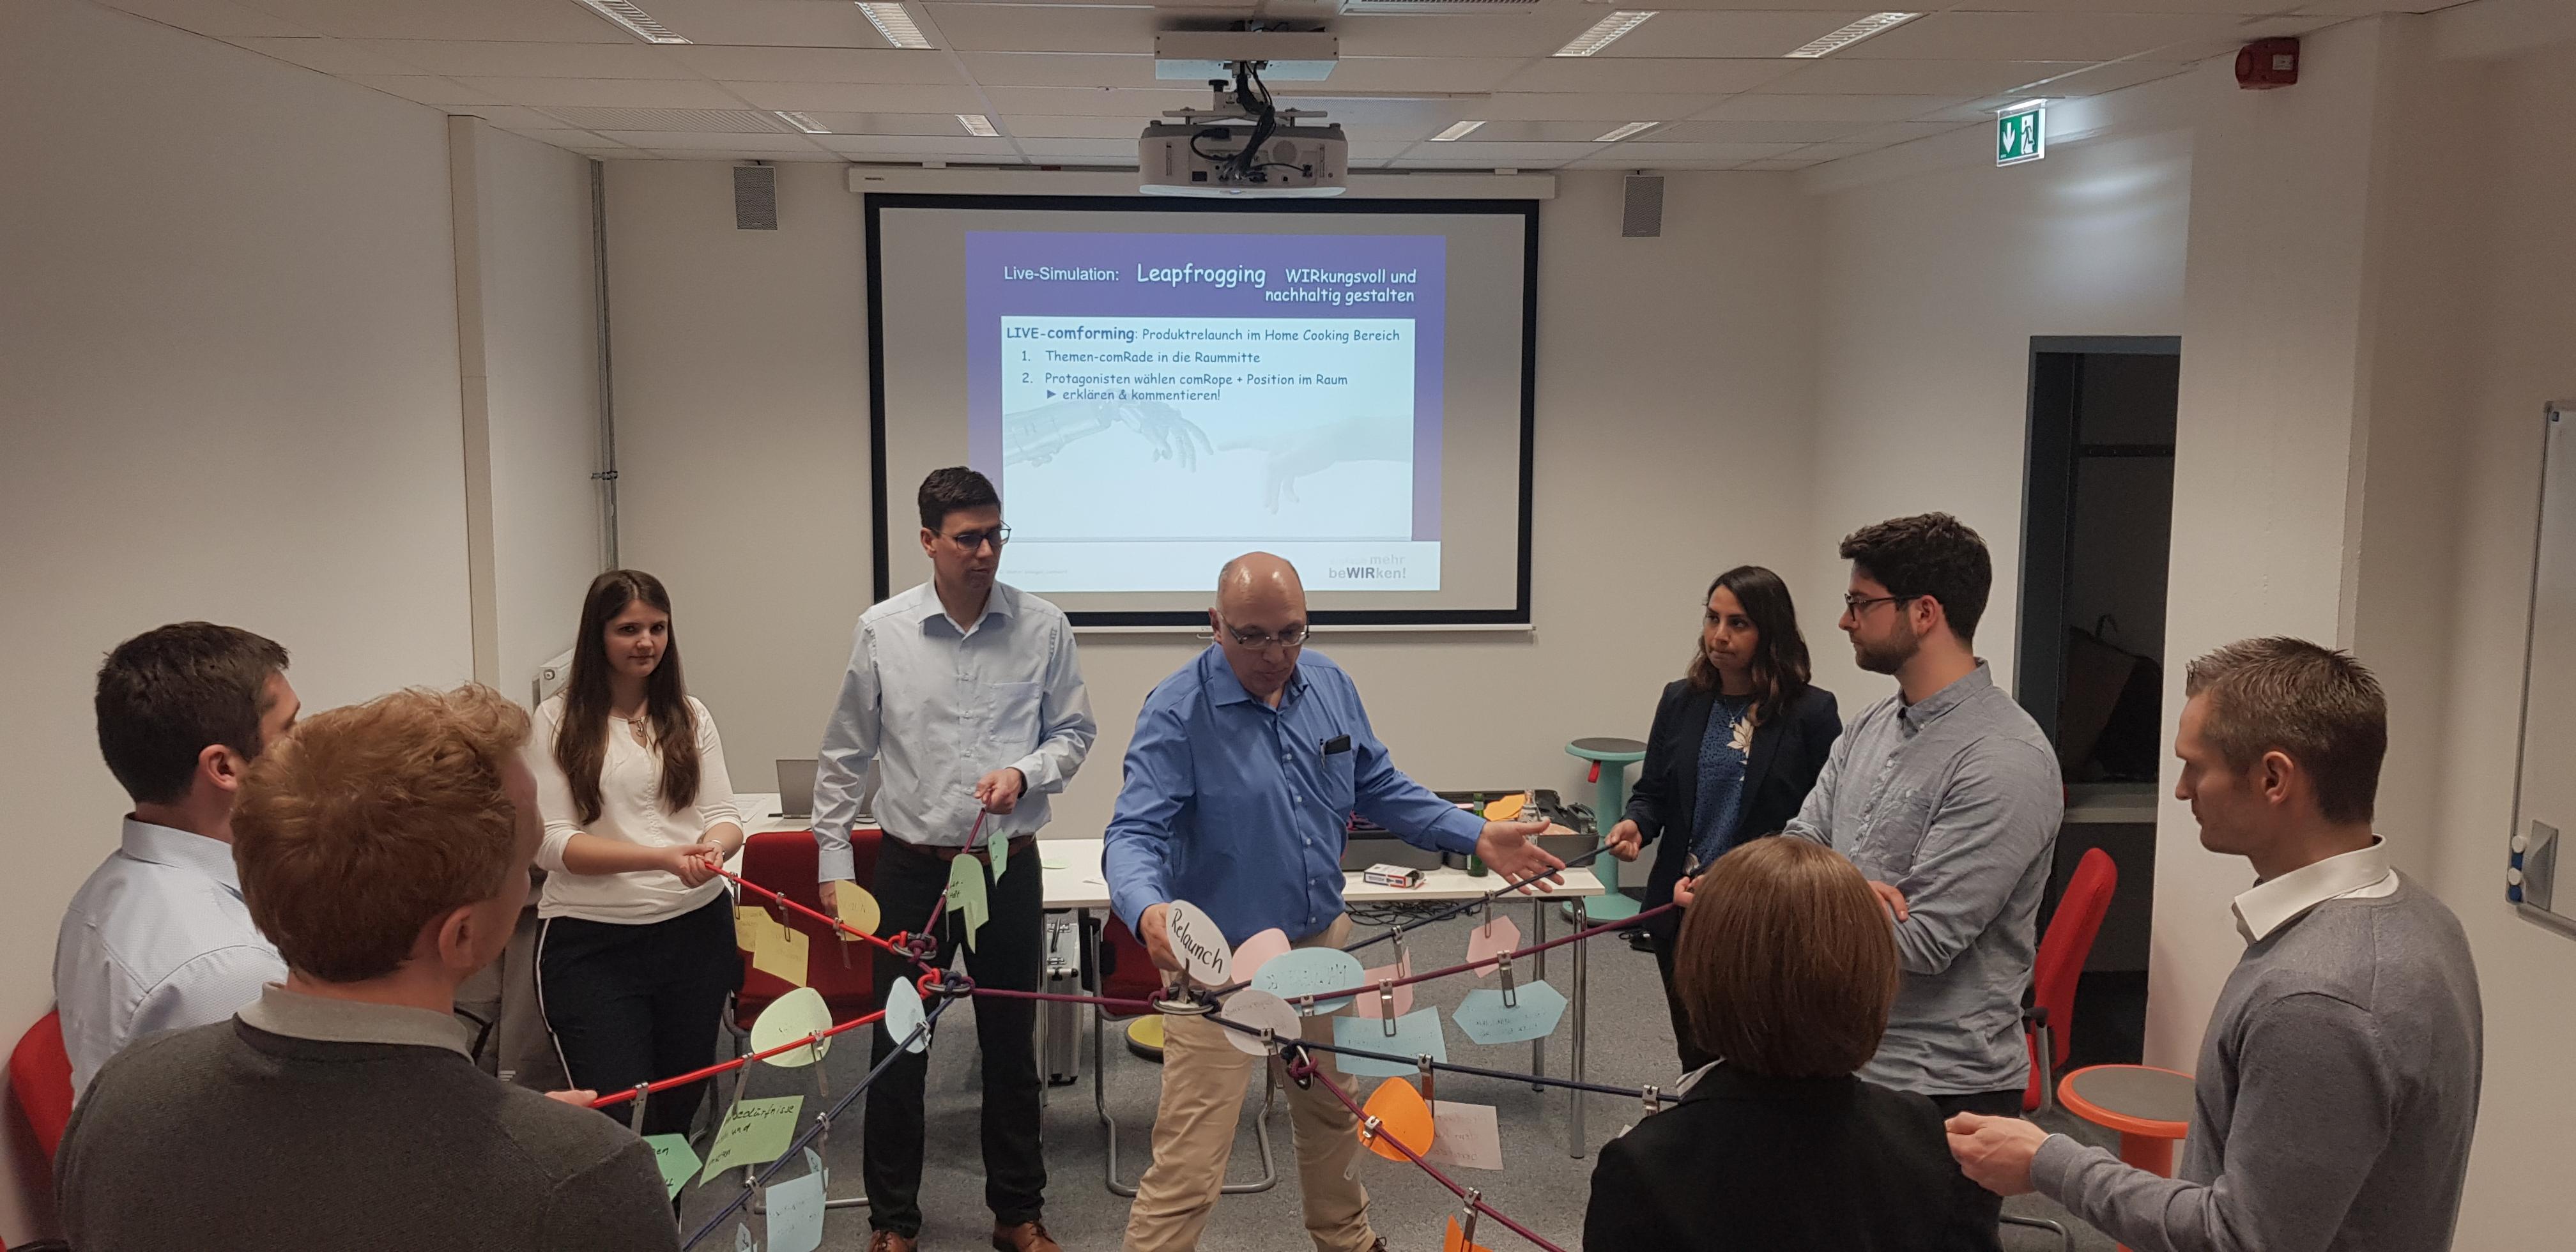 Leapfrogging. comforming-Live-Simulation für quer.kraft an der Friedrich-Alexander-Universität